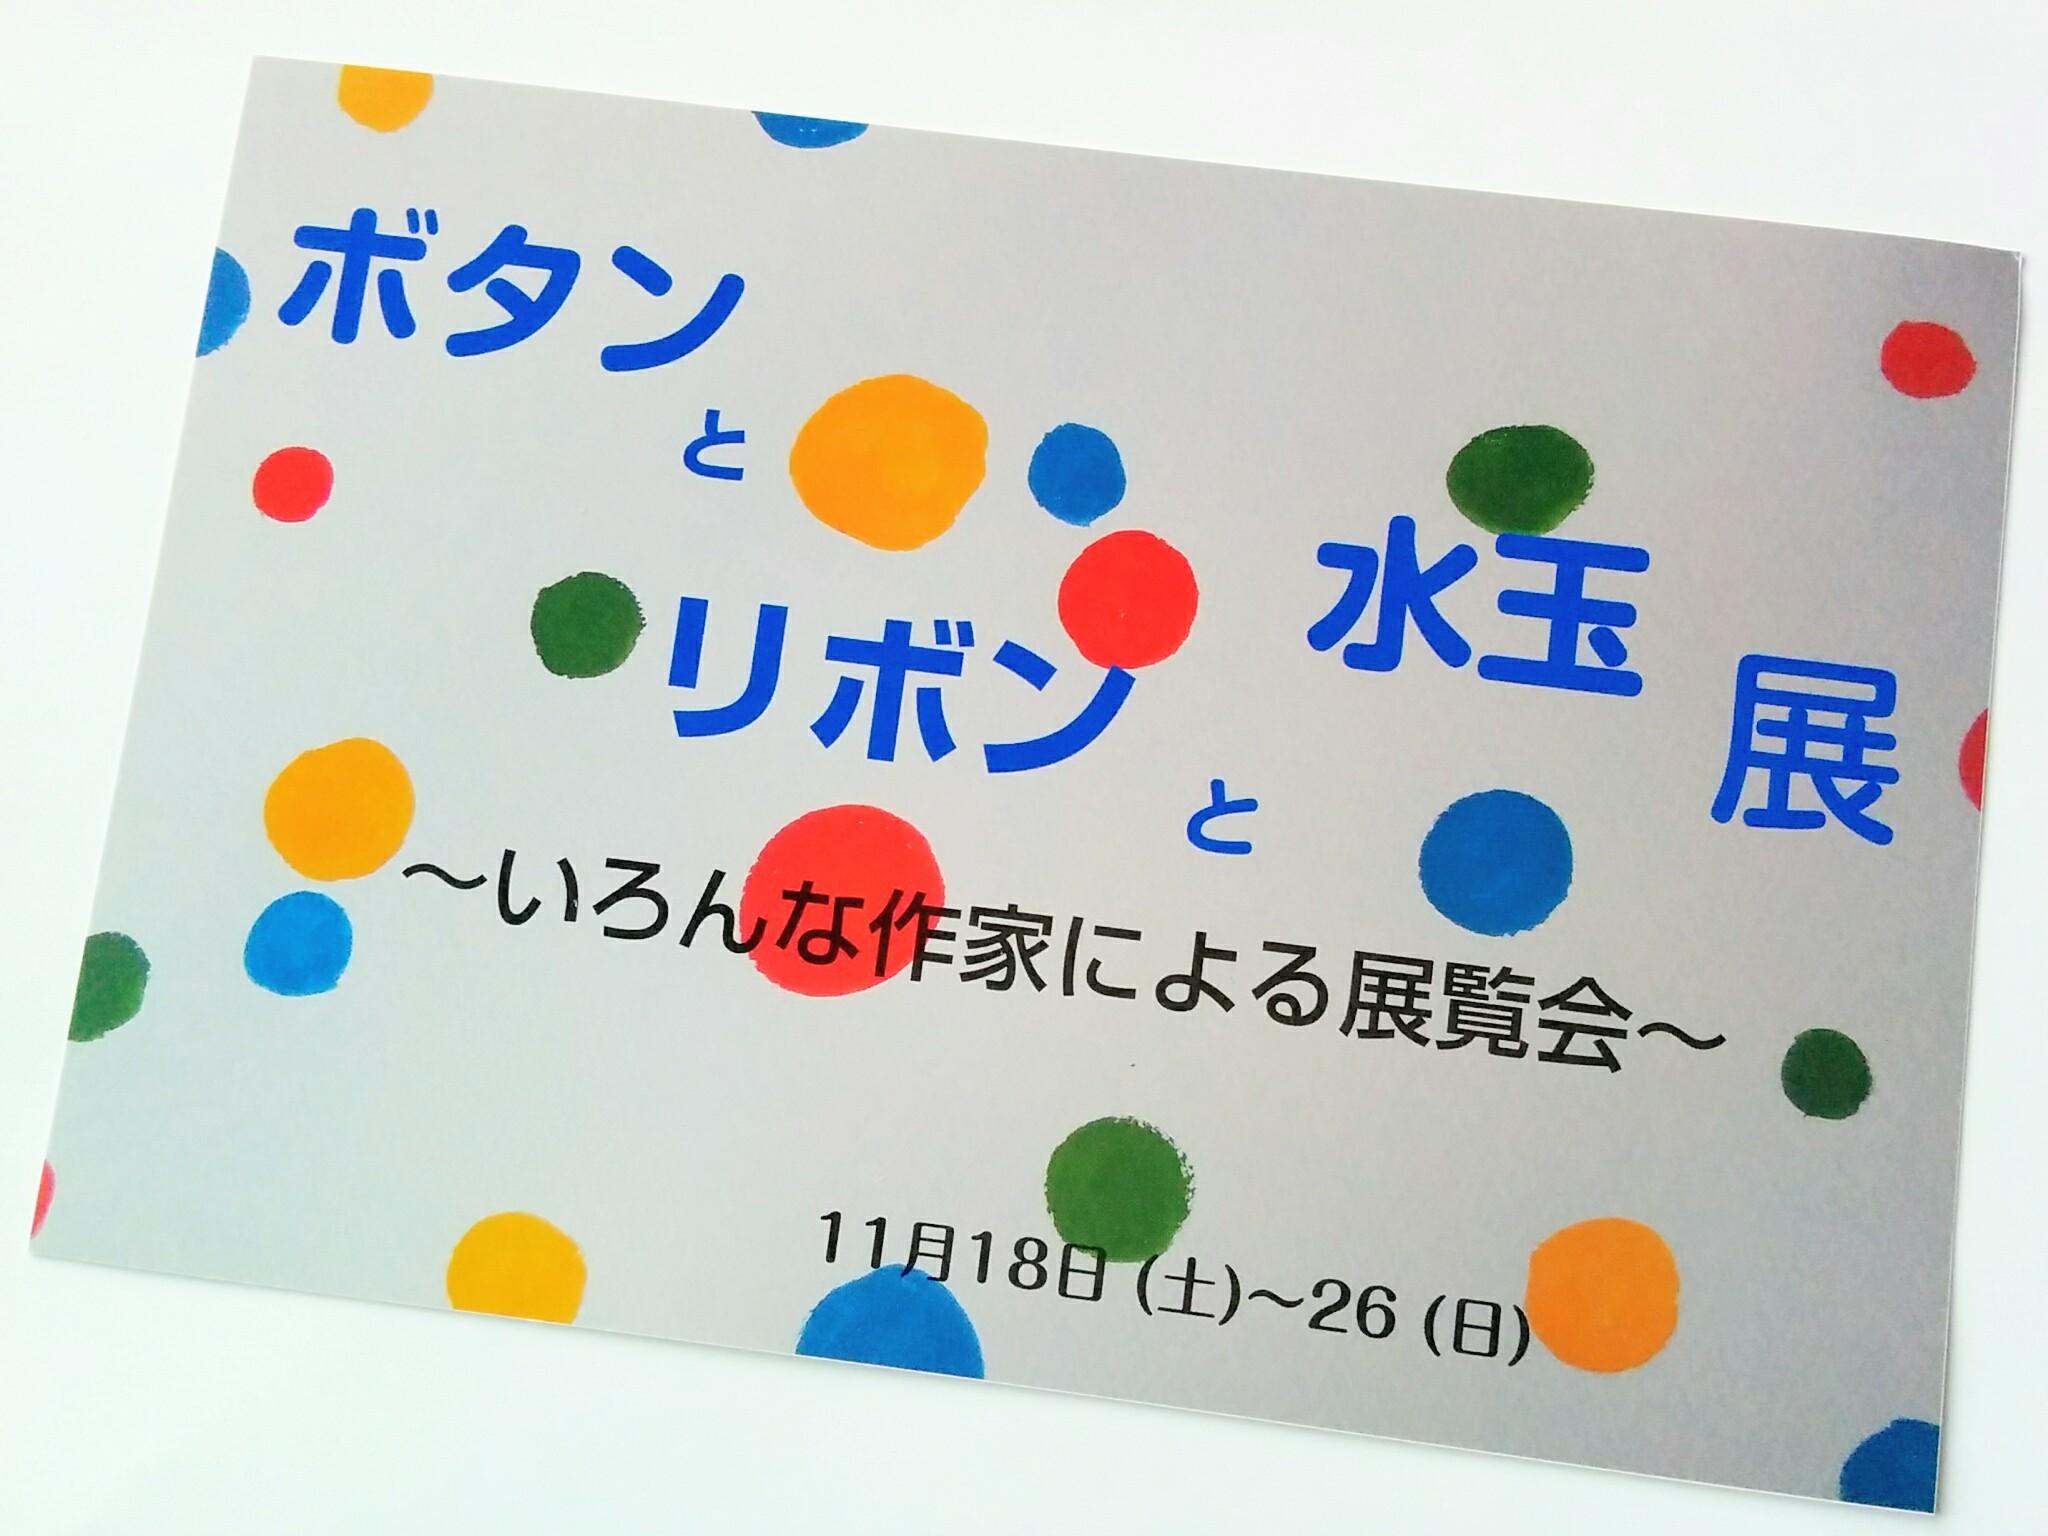 20171105202300a7a.jpg